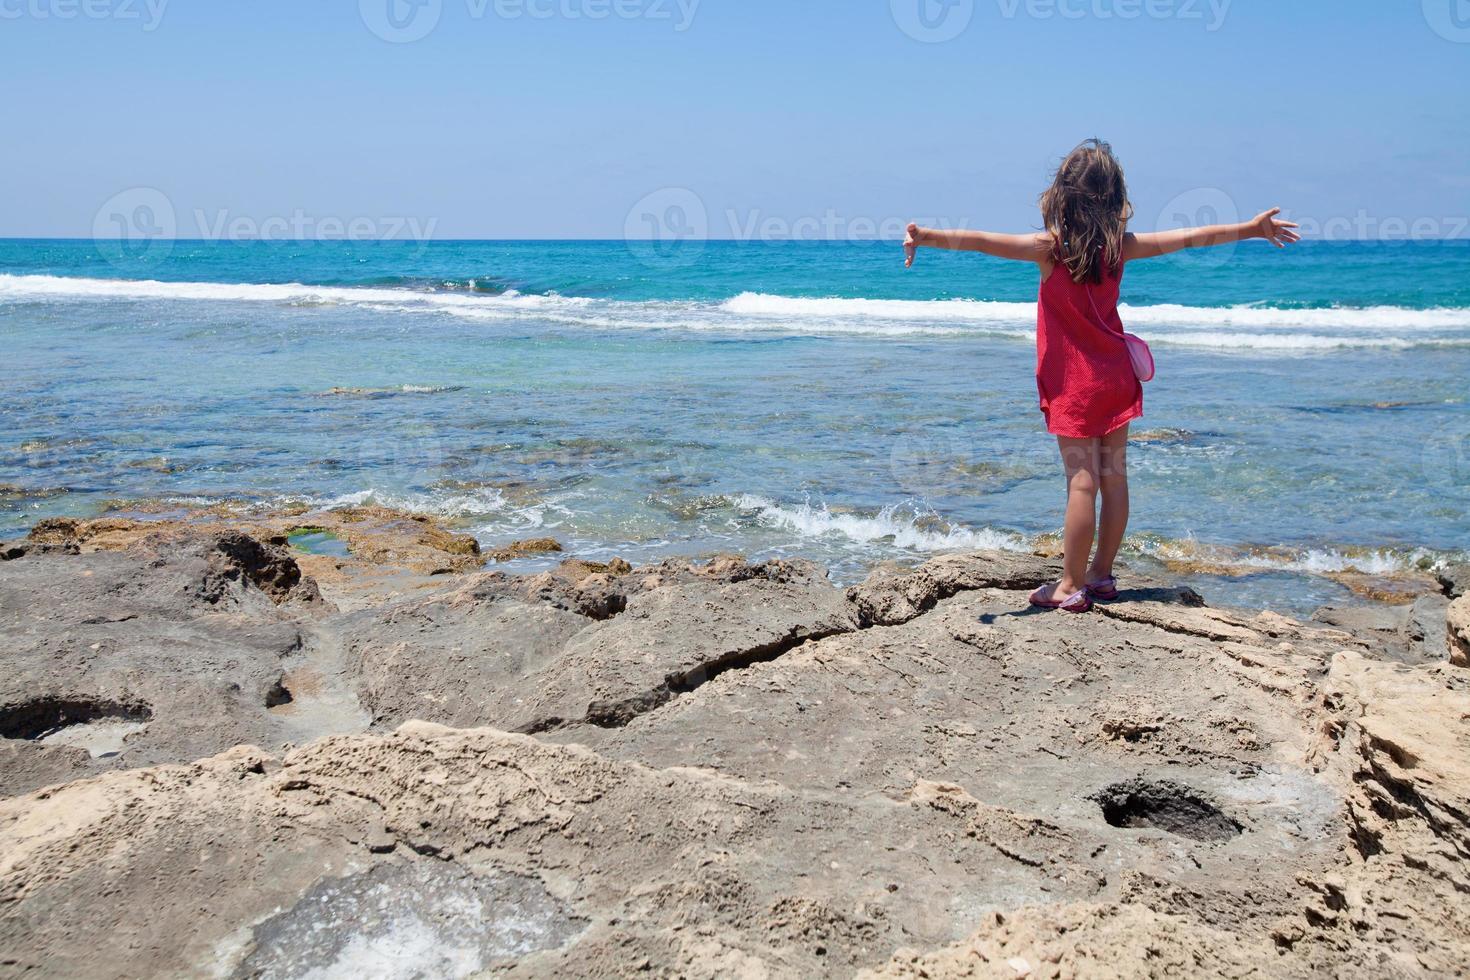 bambina che gode in un vento dal mare foto